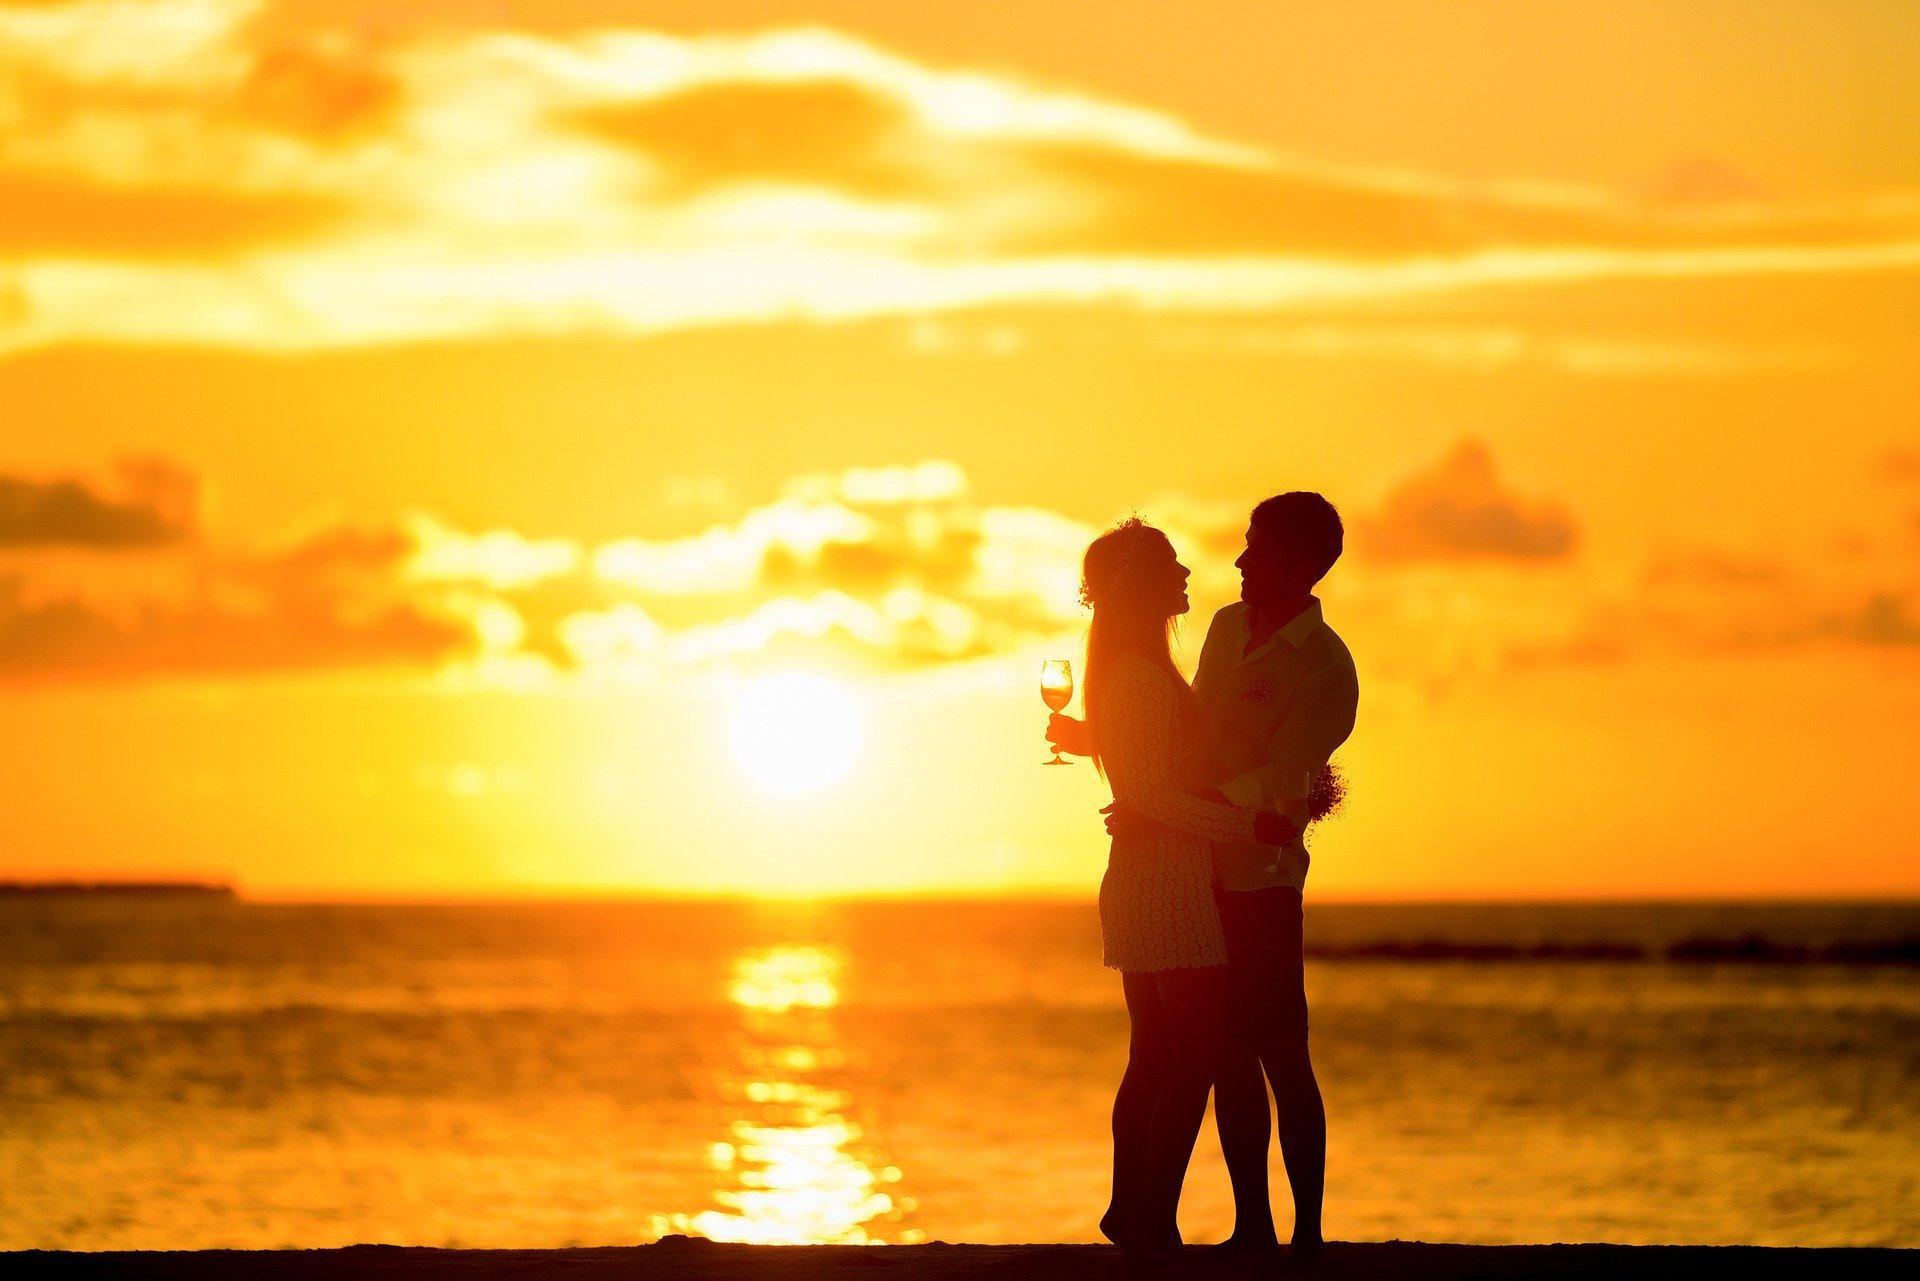 既婚者の男性からハグ!「彼女をハグしたい」と男性が思うきっかけと彼に熱烈な愛を伝える方法